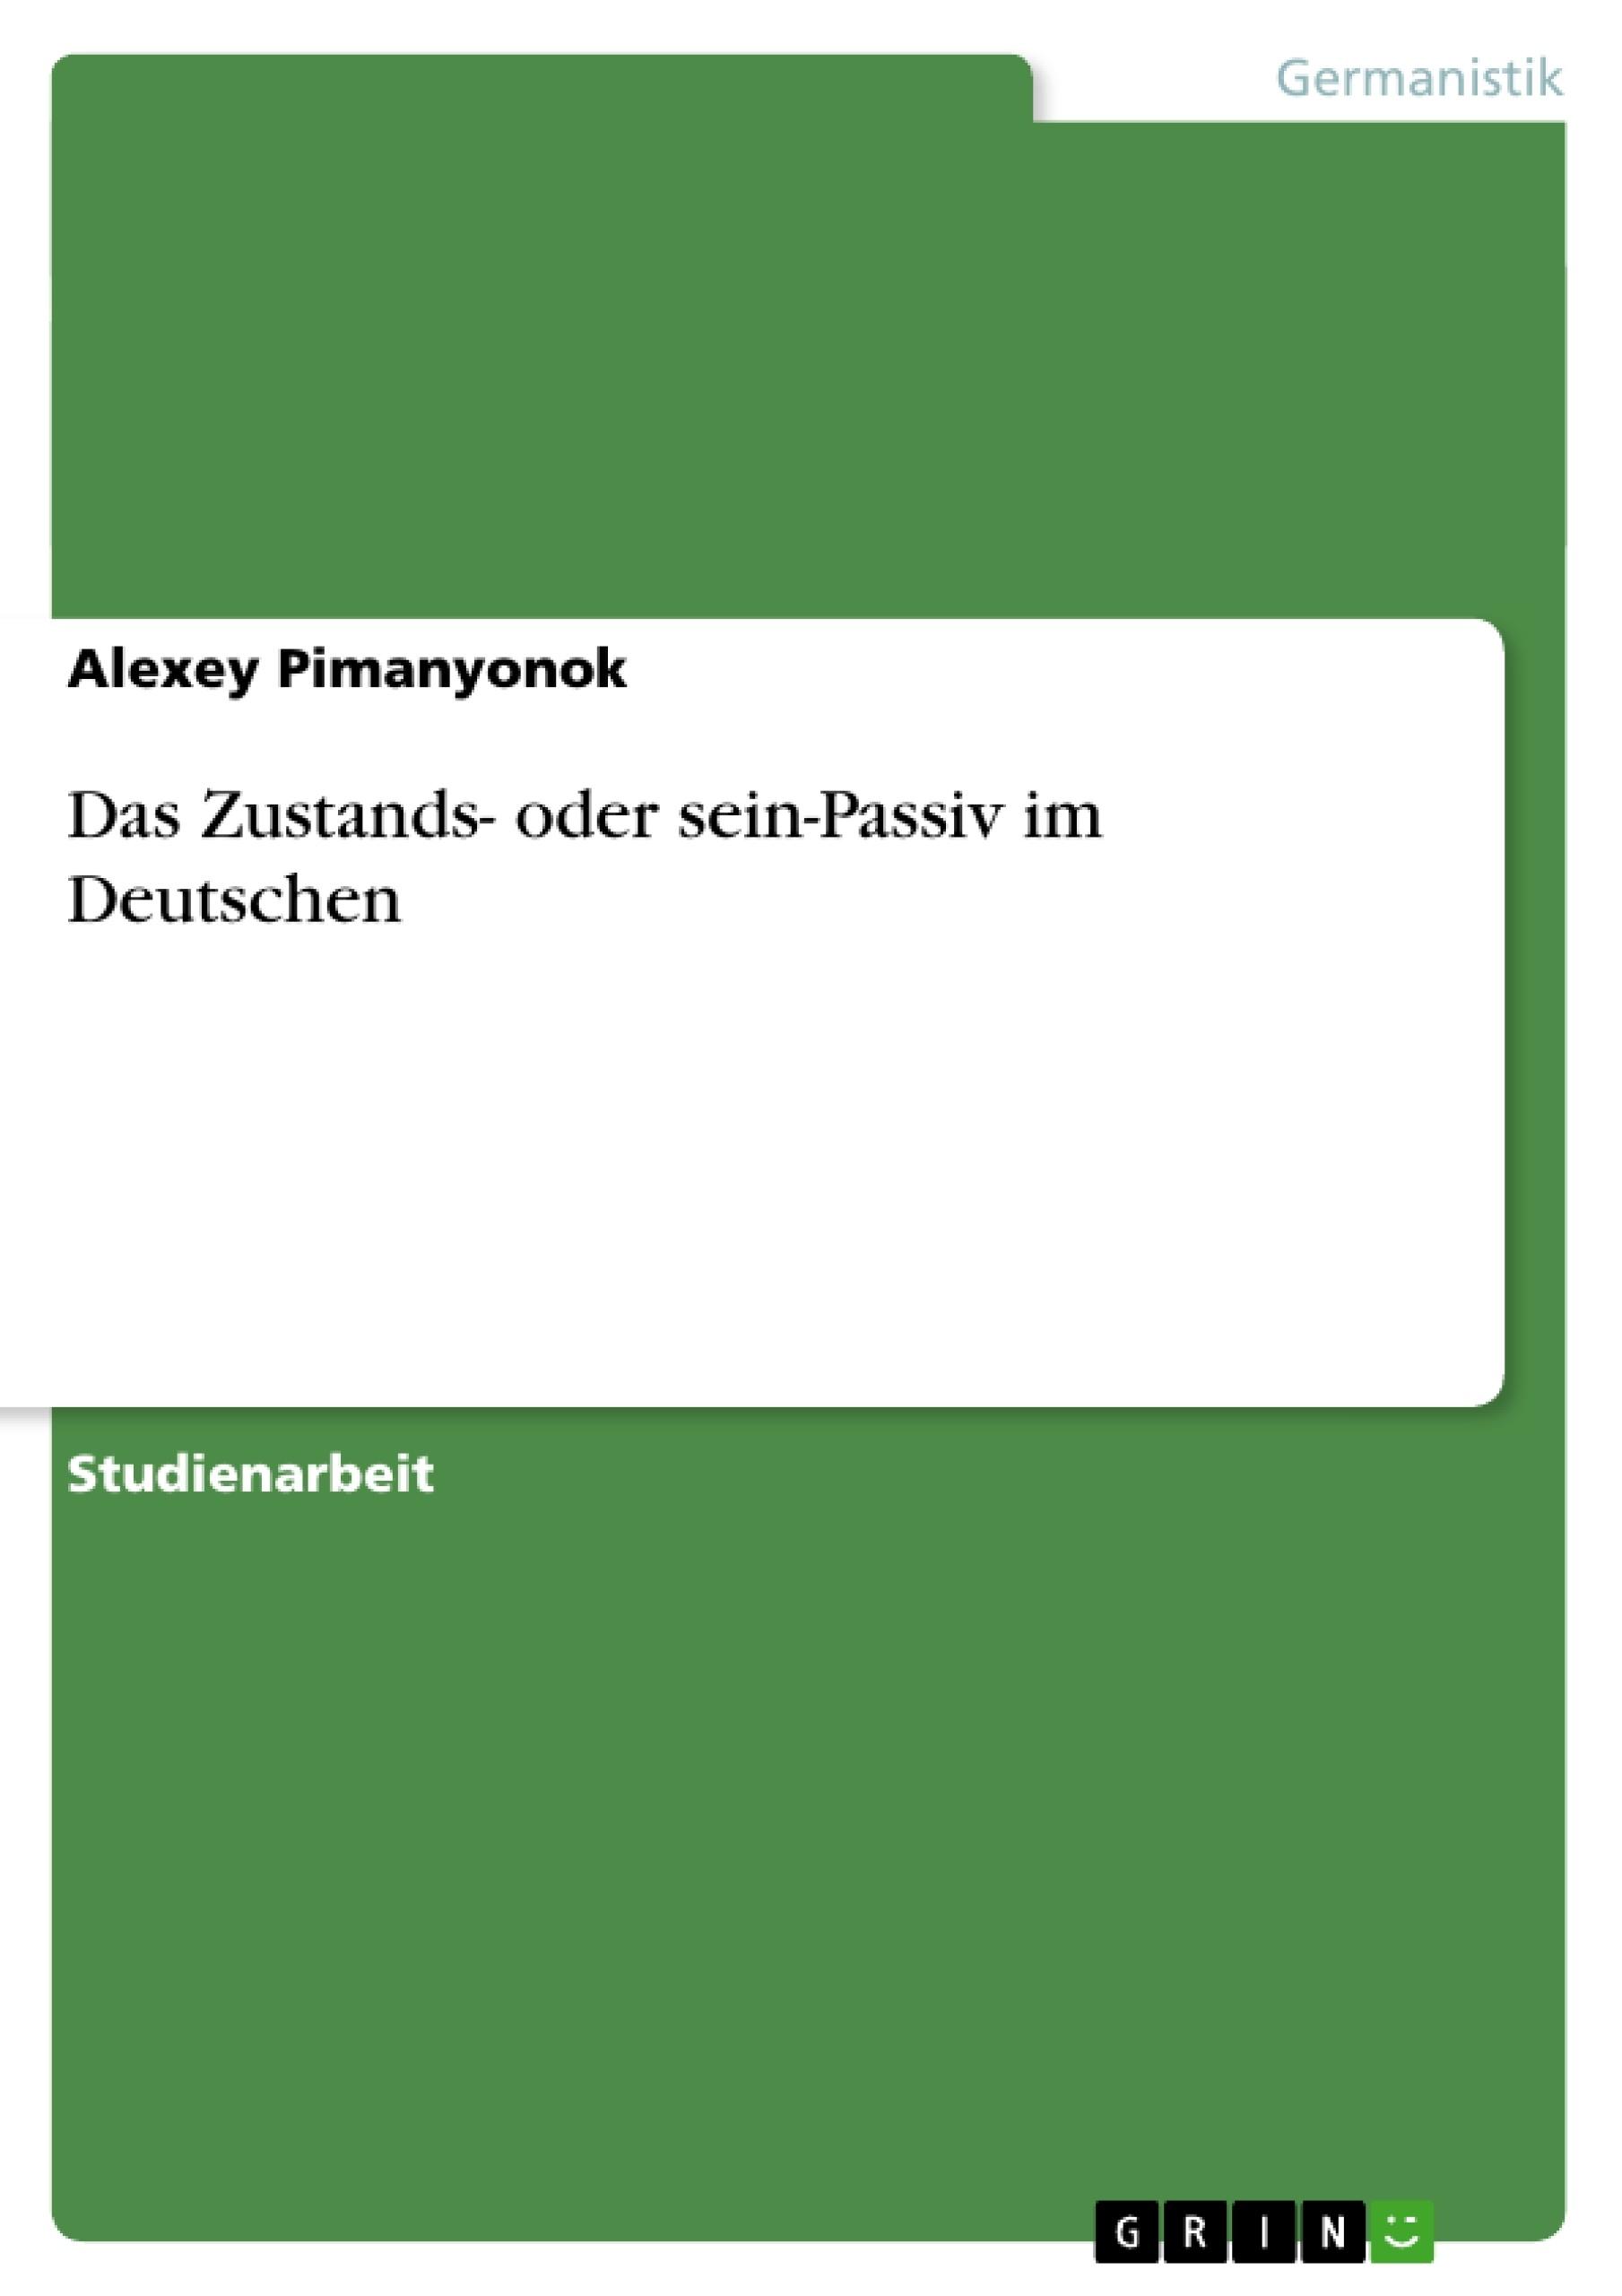 Titel: Das Zustands- oder sein-Passiv im Deutschen